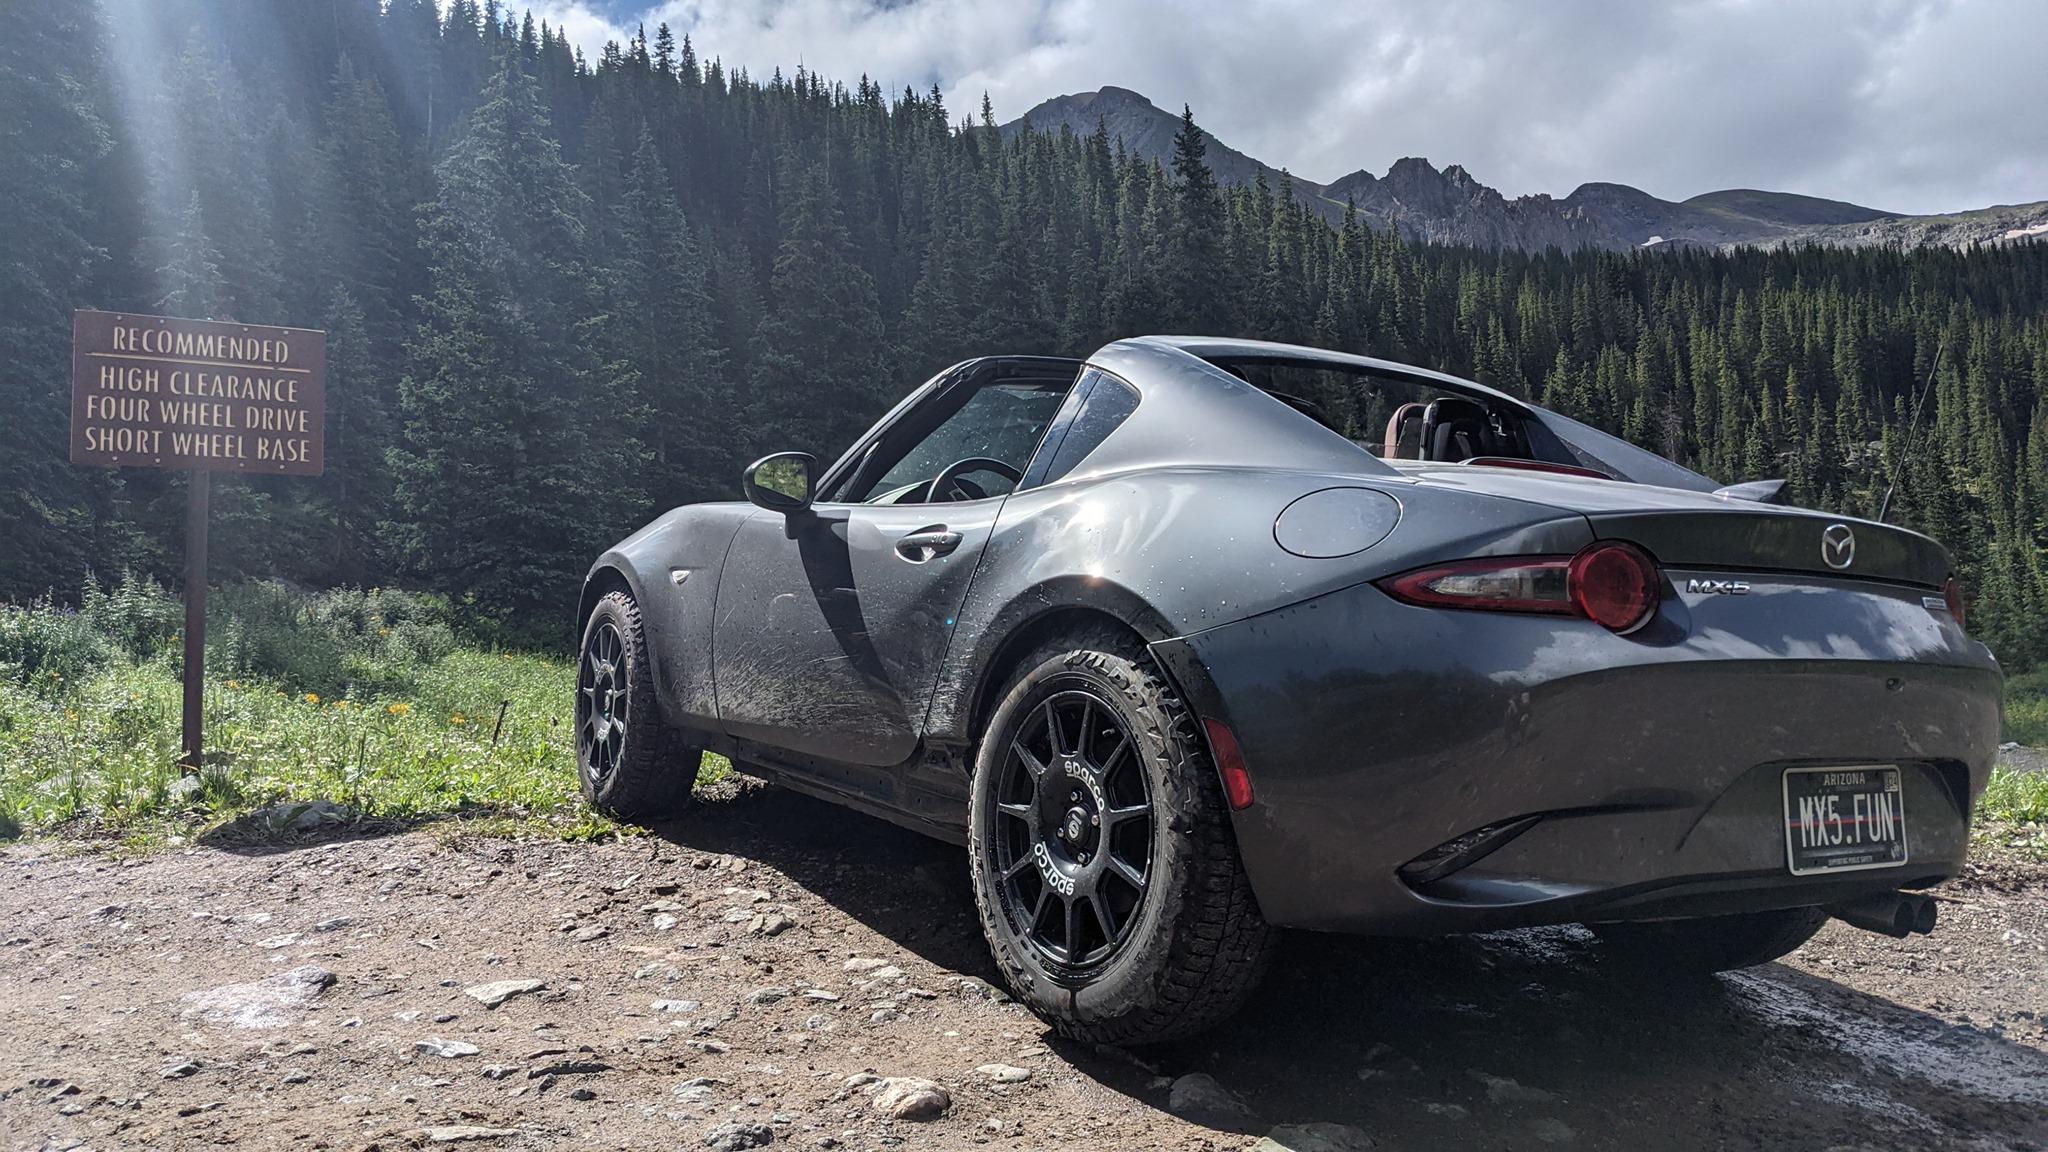 Terepgumikkal egy Mazda MX-5 sem ijed meg az erdőtől 4